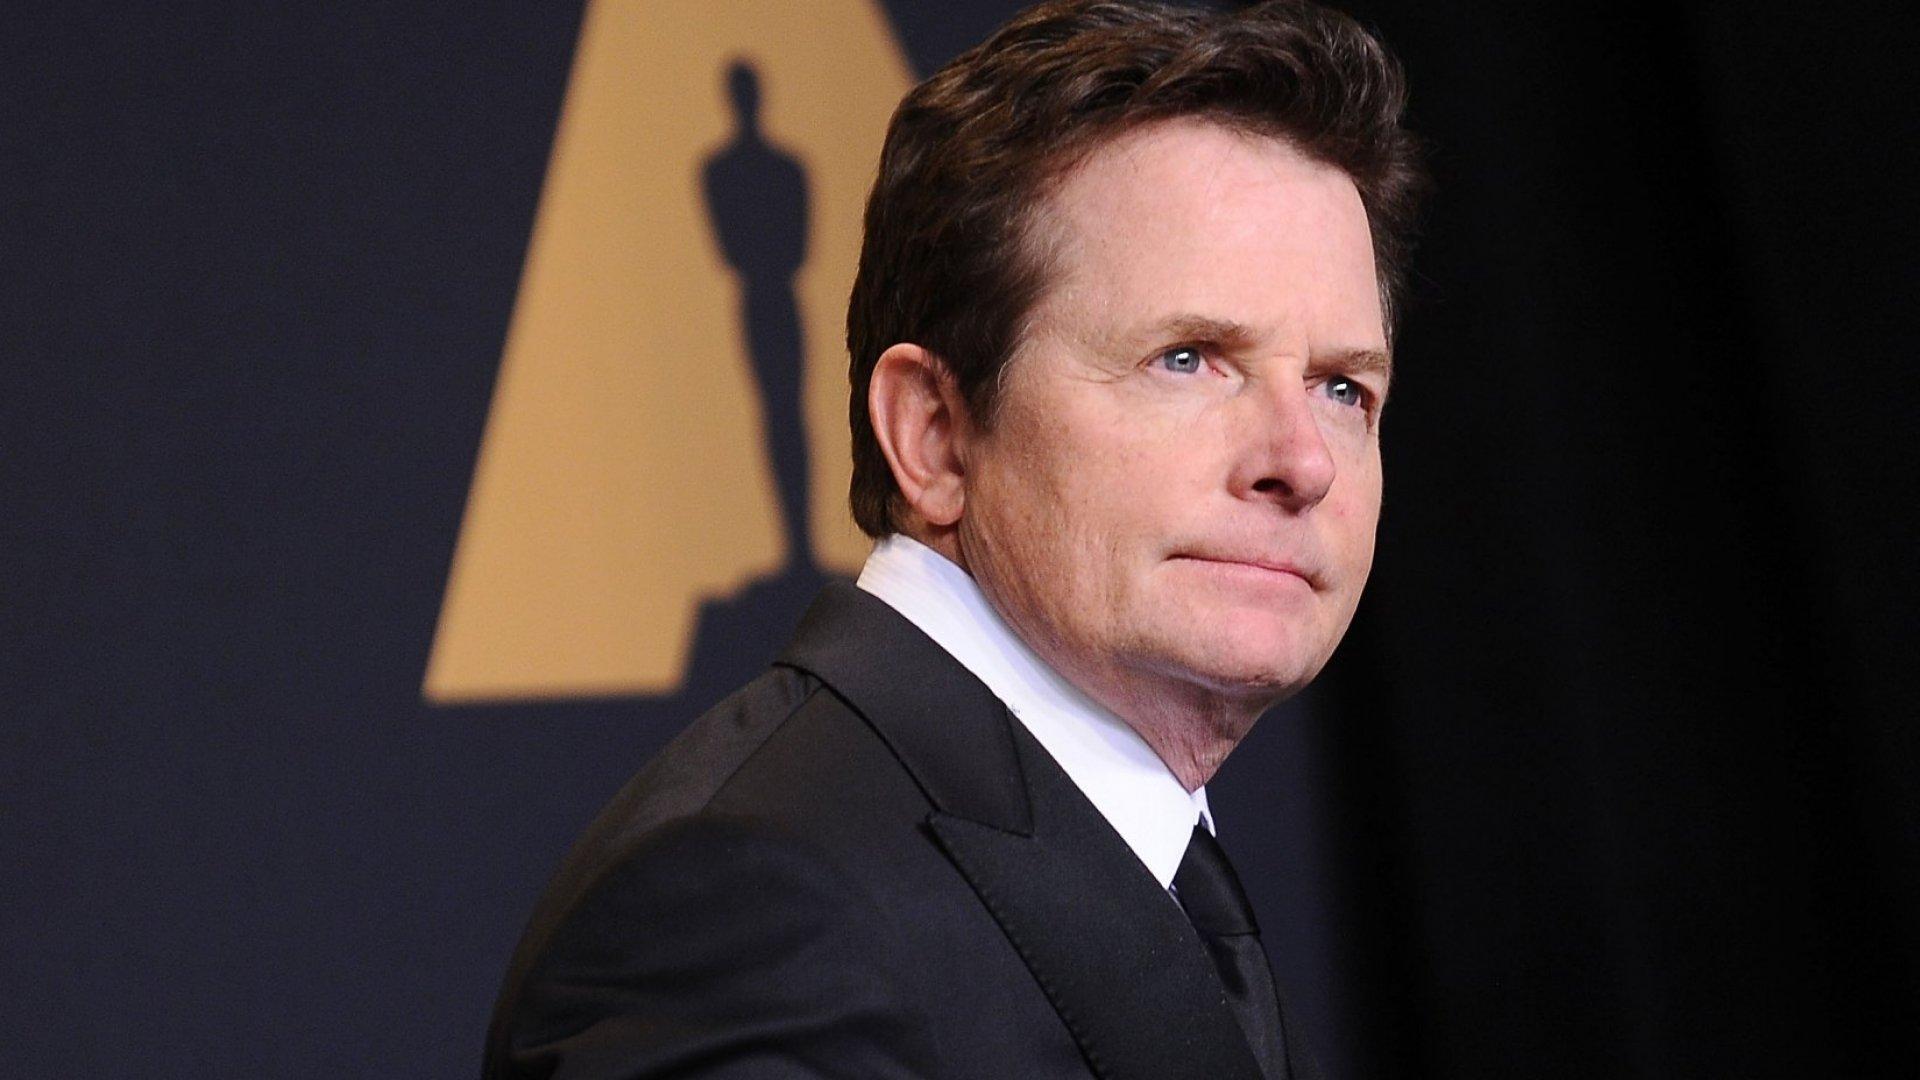 Michael J. Fox harmadik memoárjában jelentette be második visszavonulását